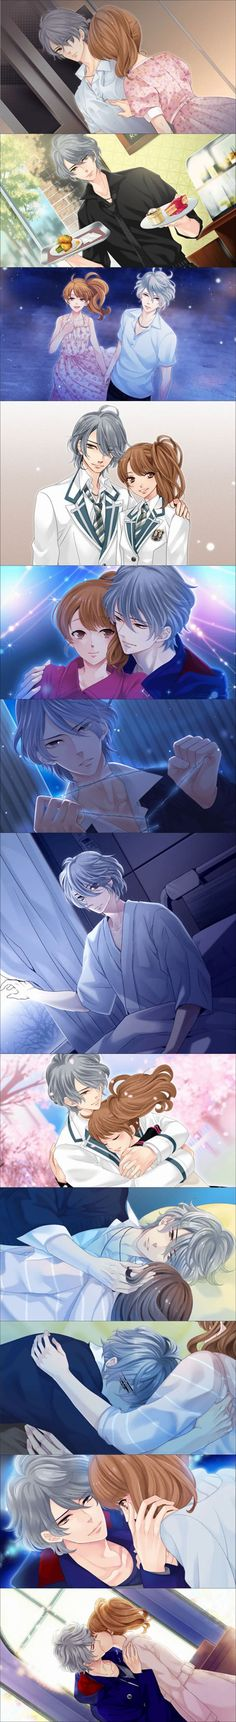 Diesen Anime werde ich mir mal anschauen....mal sehen was da bei raus kommt :) :)